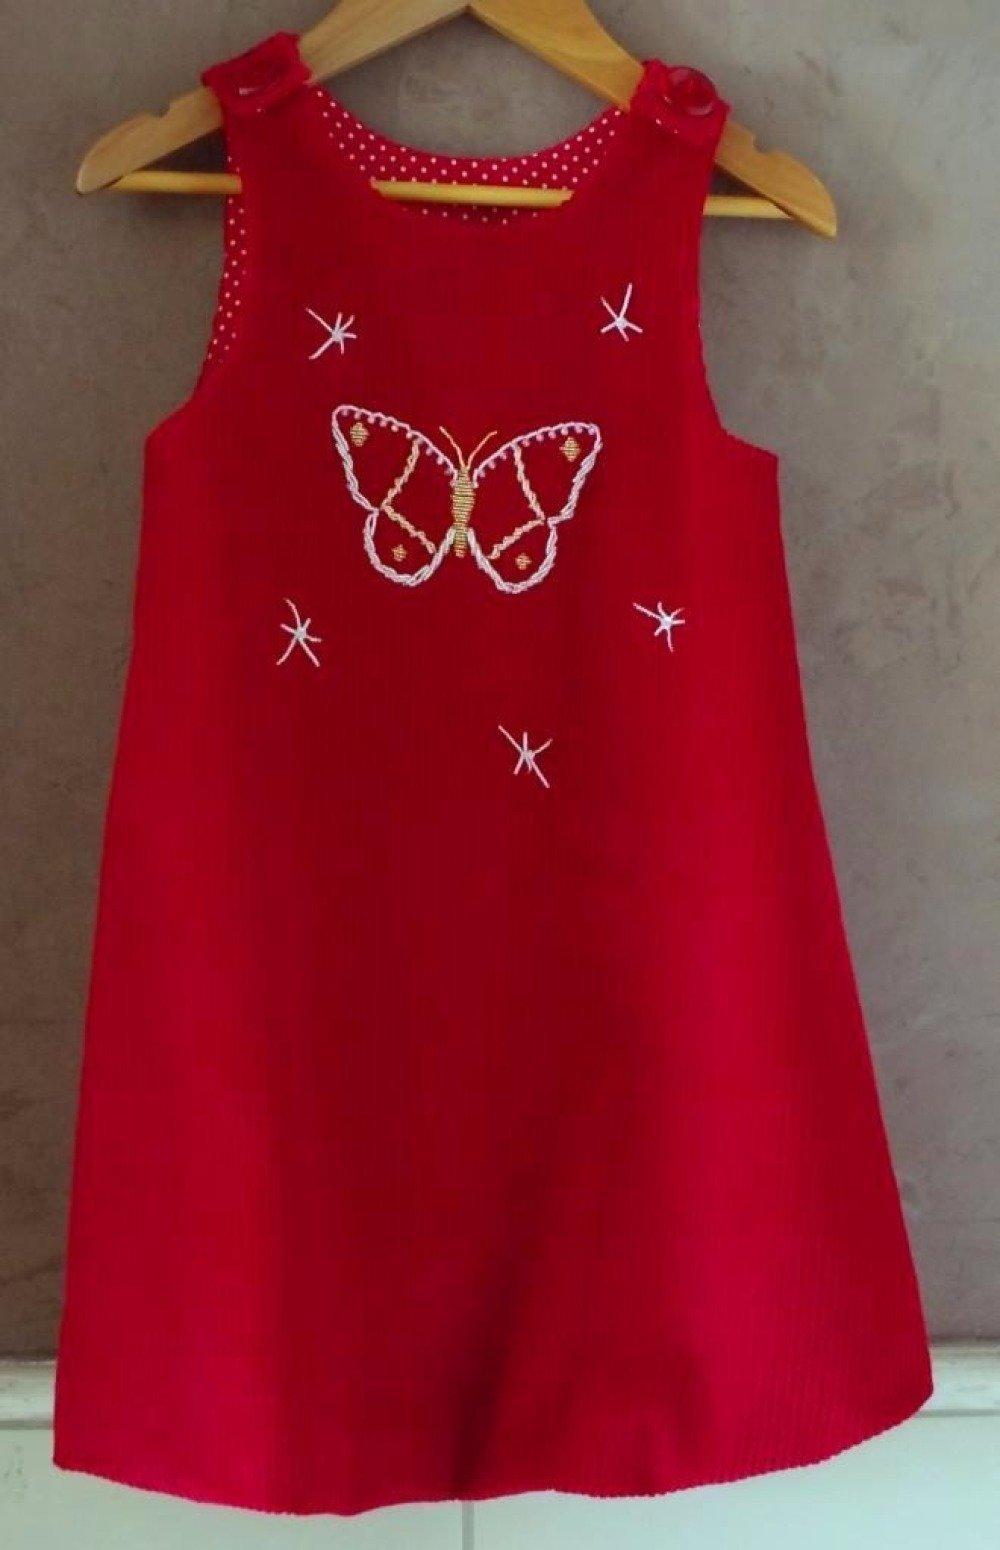 Robe chasuble doublée, en velours côtelé rouge et coton - 8 ans